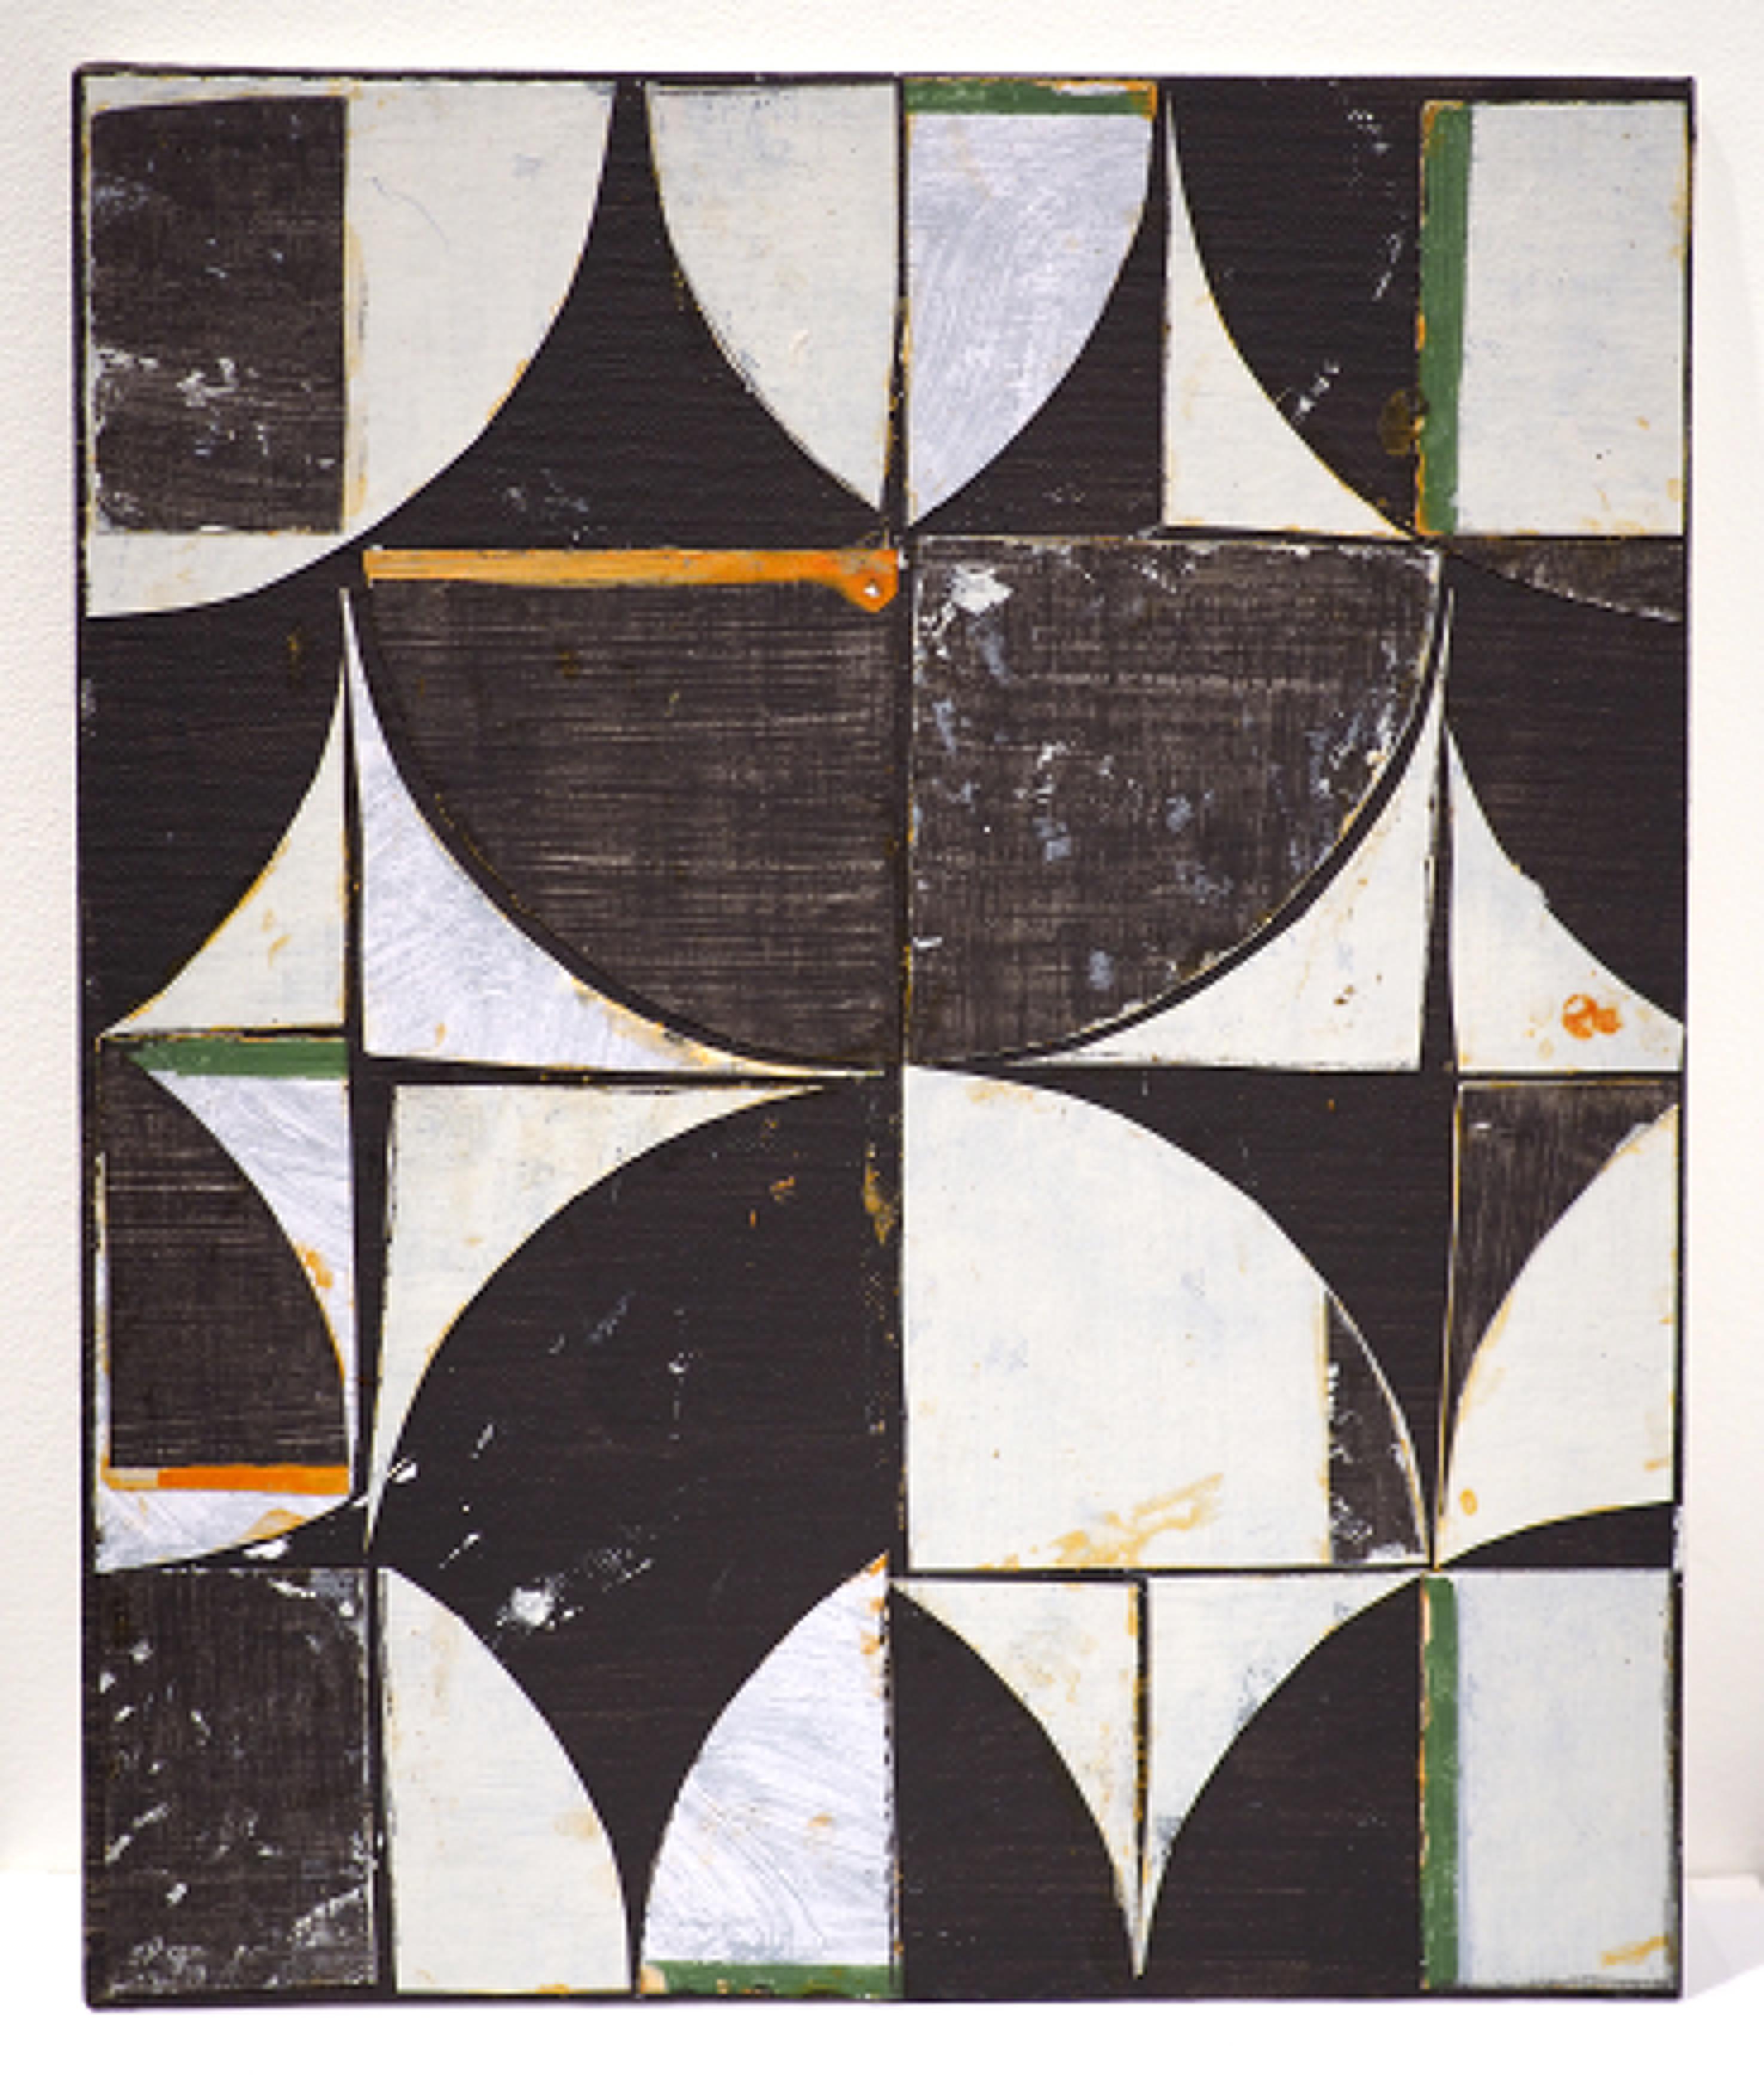 Collages abstraits élaborés à partir de fragments de toile découpés, peints et recomposés.